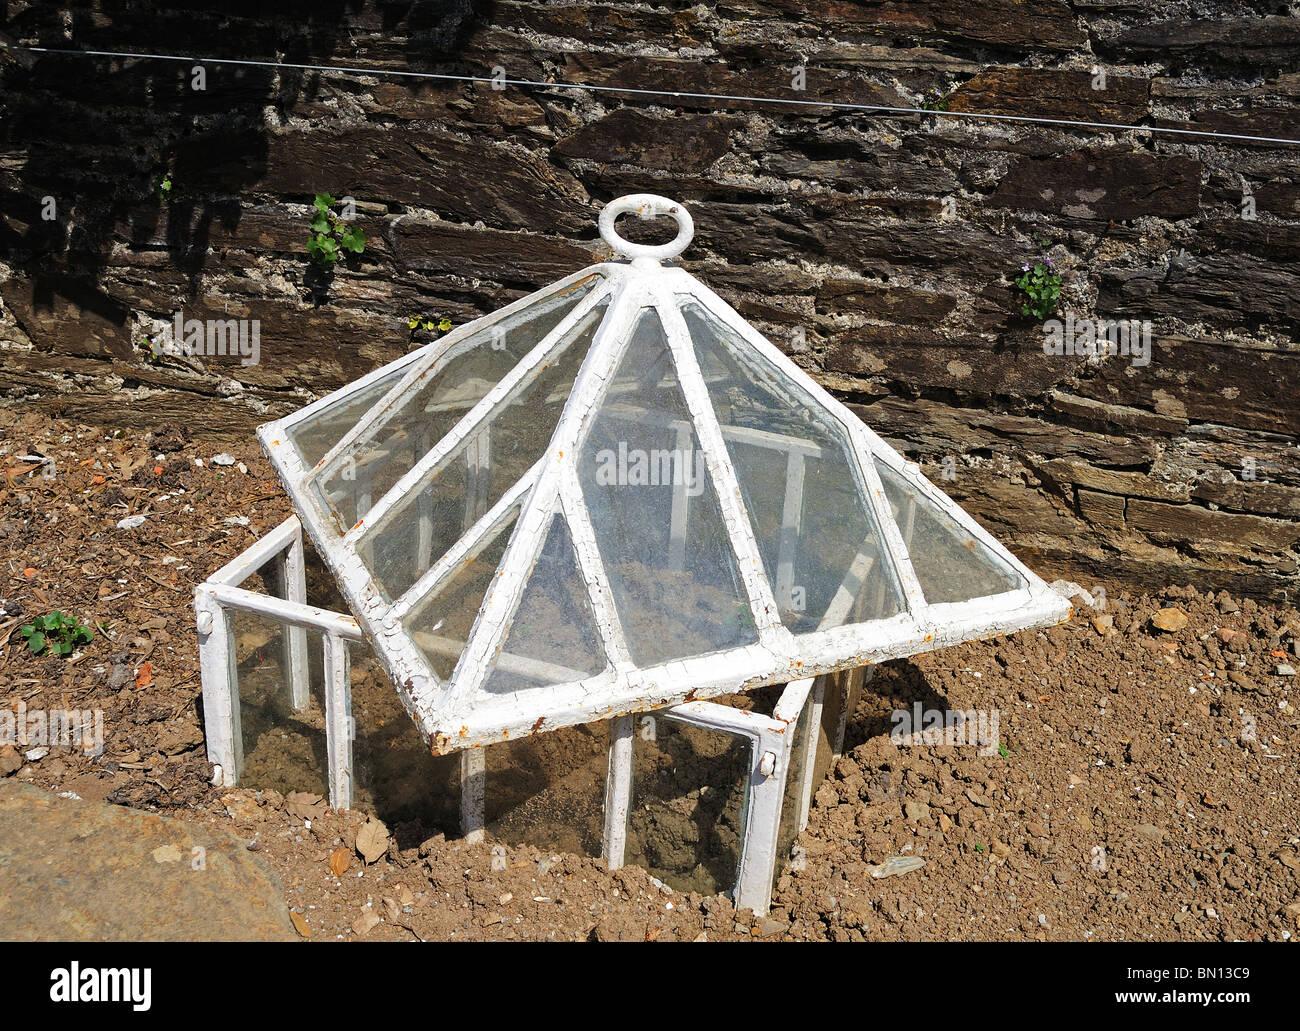 a victorian kitchen garden cloche - Stock Image